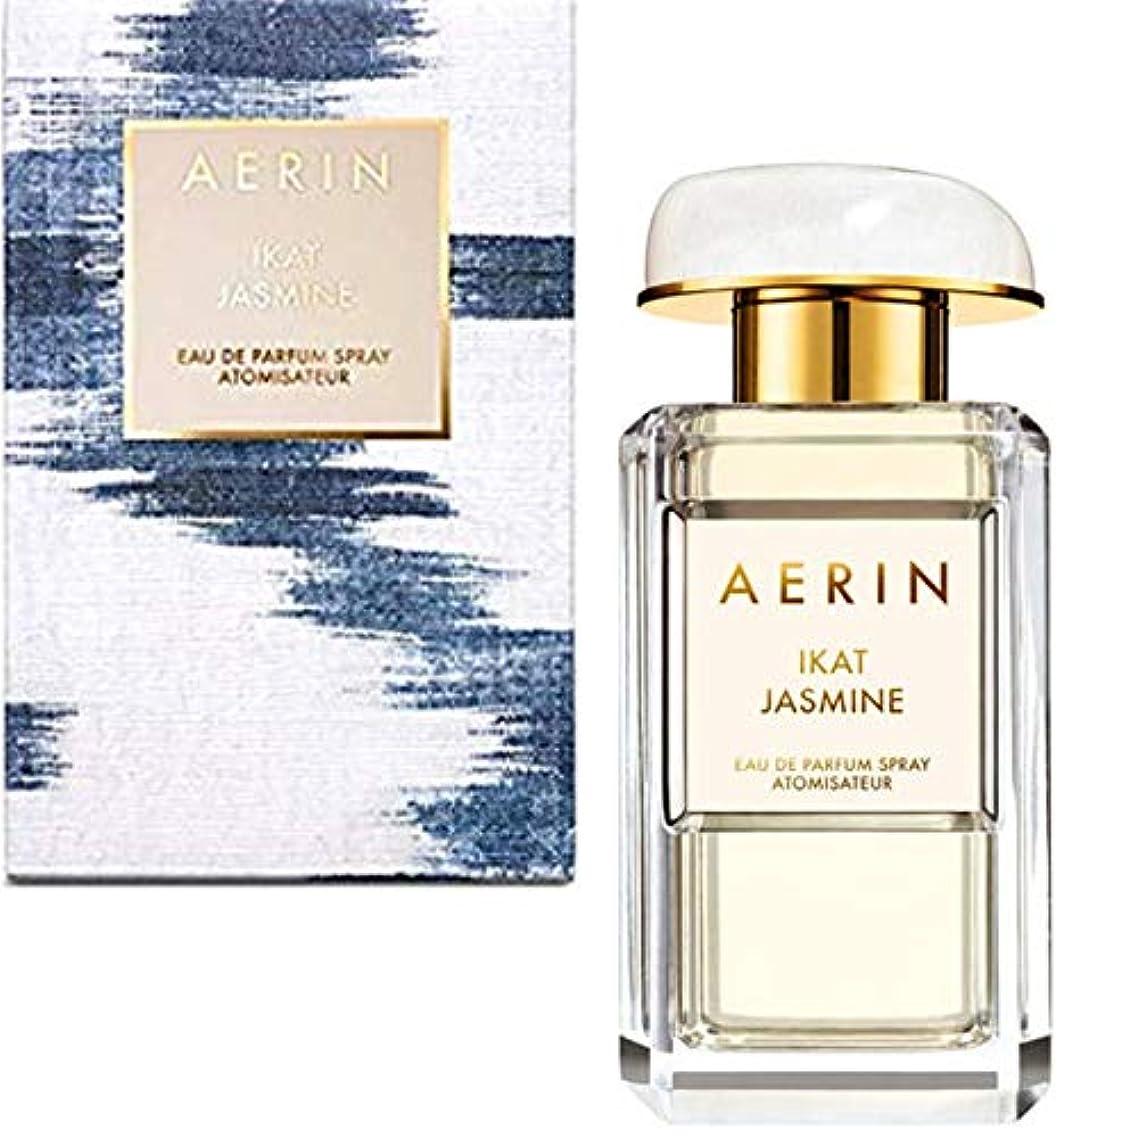 読者拡散する追い付くAERIN 'Ikat Jasmine' (アエリン イカ ジャスミン) 1.7 oz (50ml) EDP Spray by Estee Lauder for Women [海外直送品] [並行輸入品]